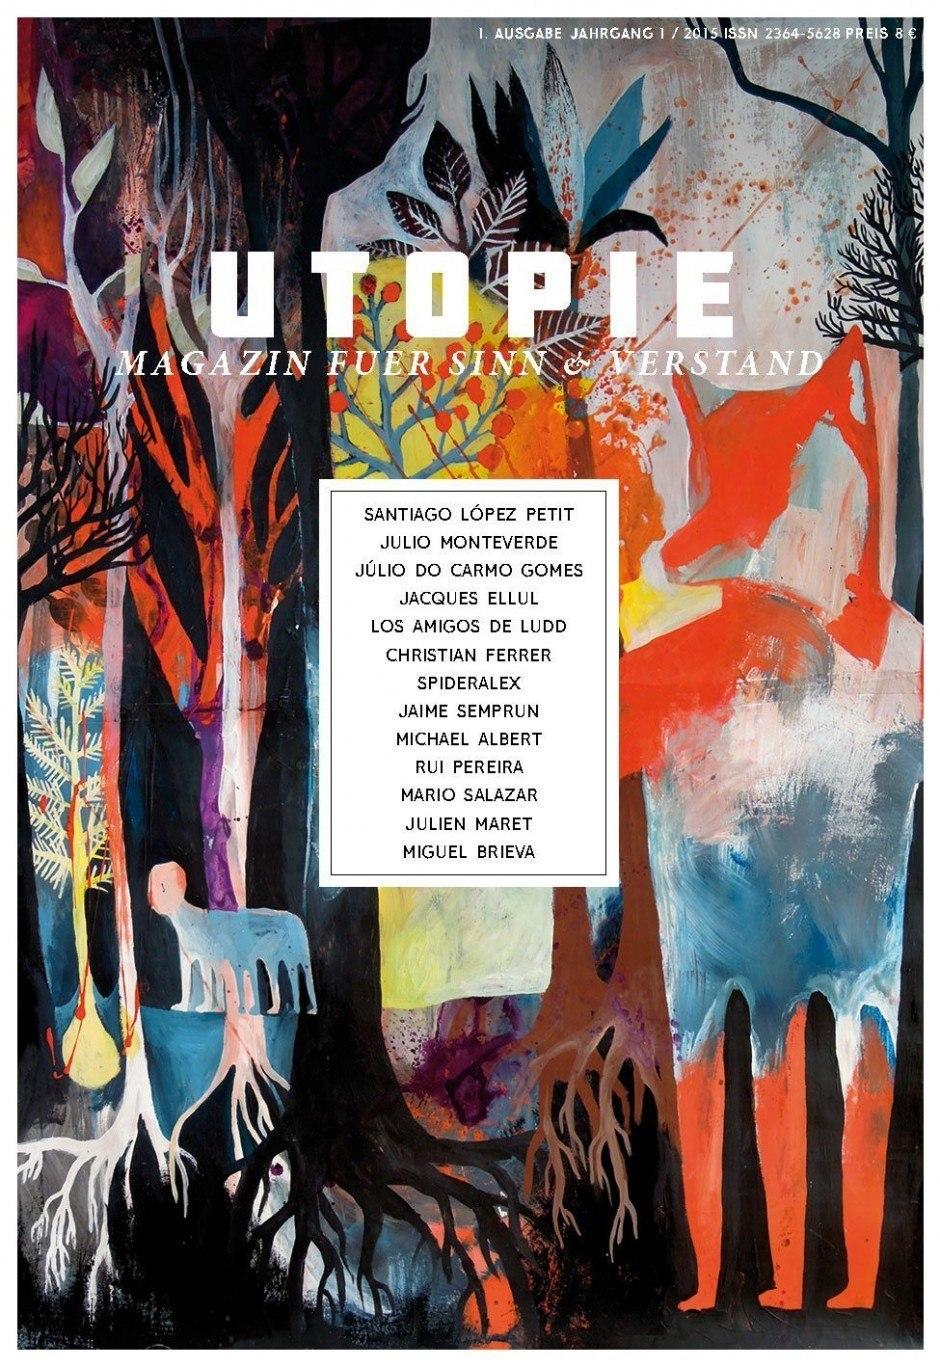 Cover für ein neues Magazin aus Berlin: Elsa Klever, www.elsaklever.de